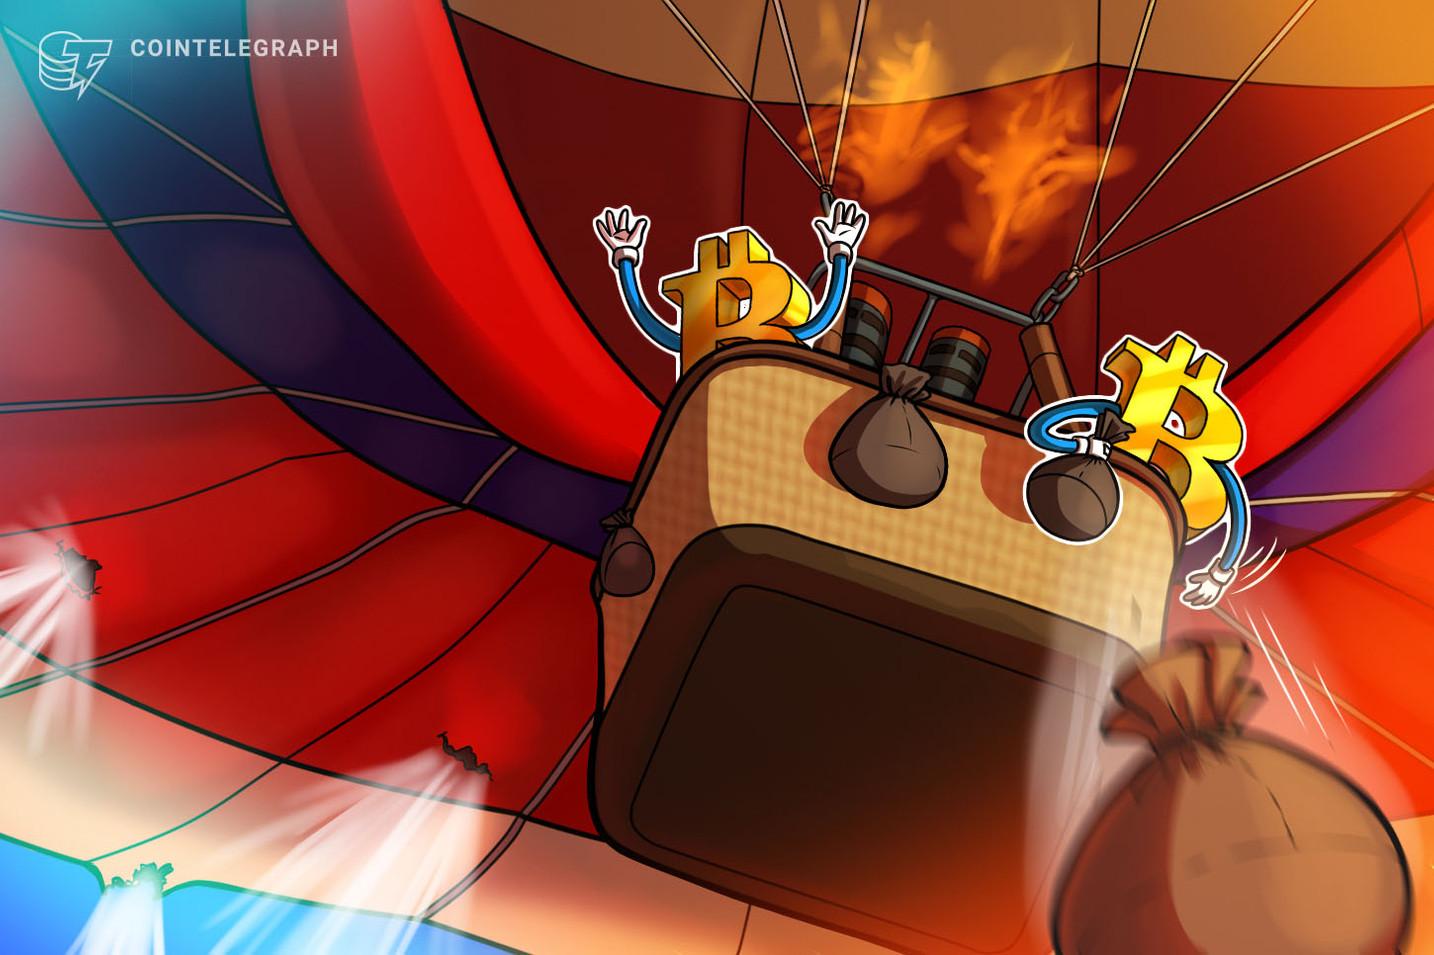 Bitcoin fiyatı tüm zamanların rekorunu kırdı mı, kırmadı mı?